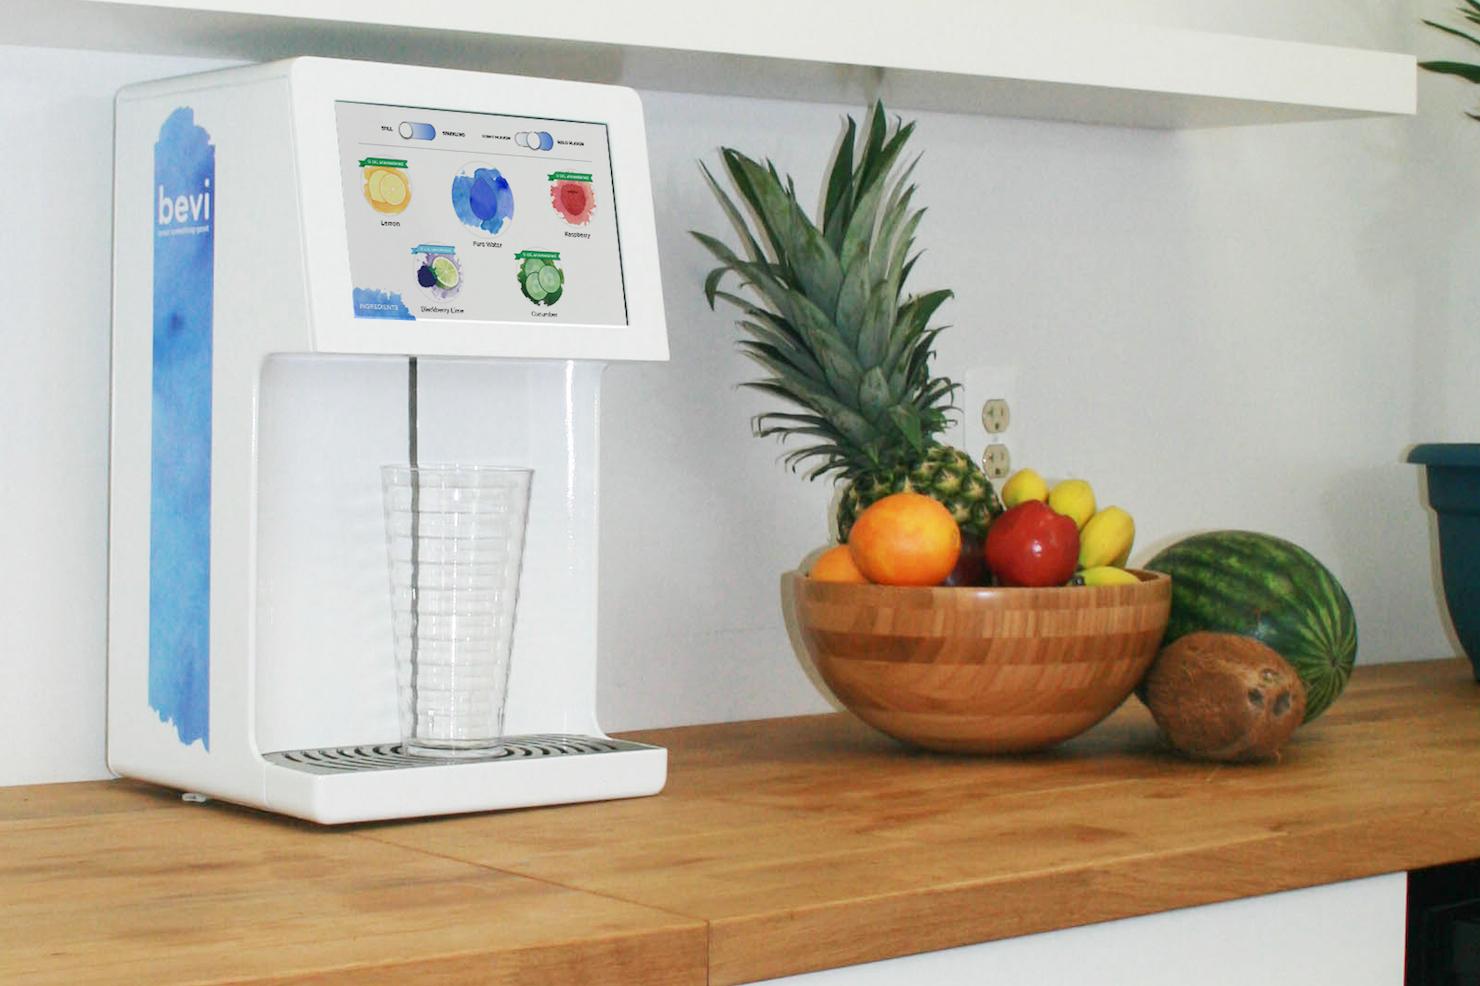 Countertop Bevi Smart Water Cooler